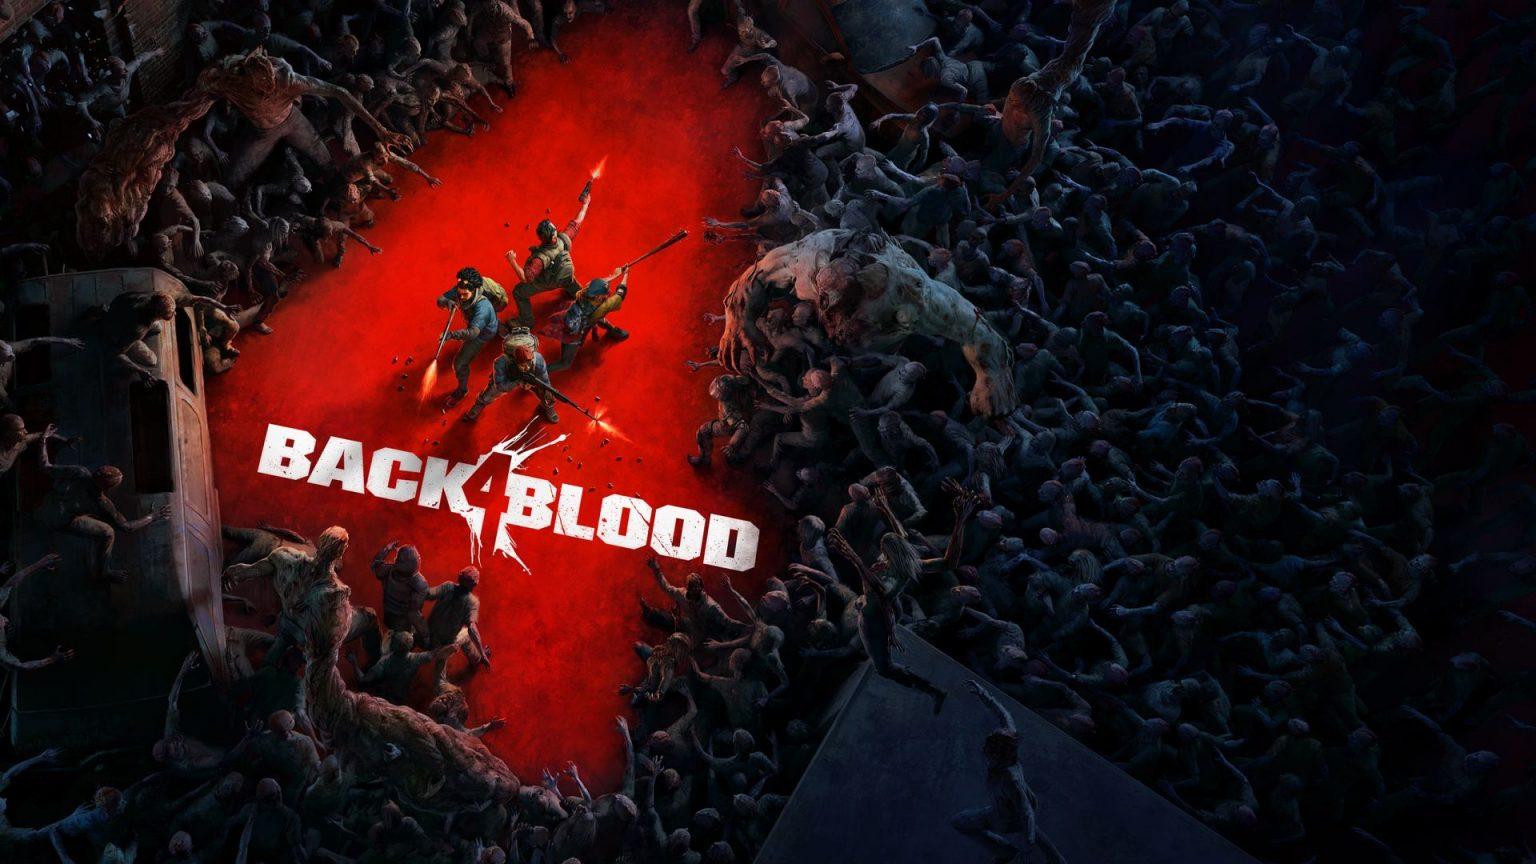 نمایش جدید از بازی Back 4 Blood